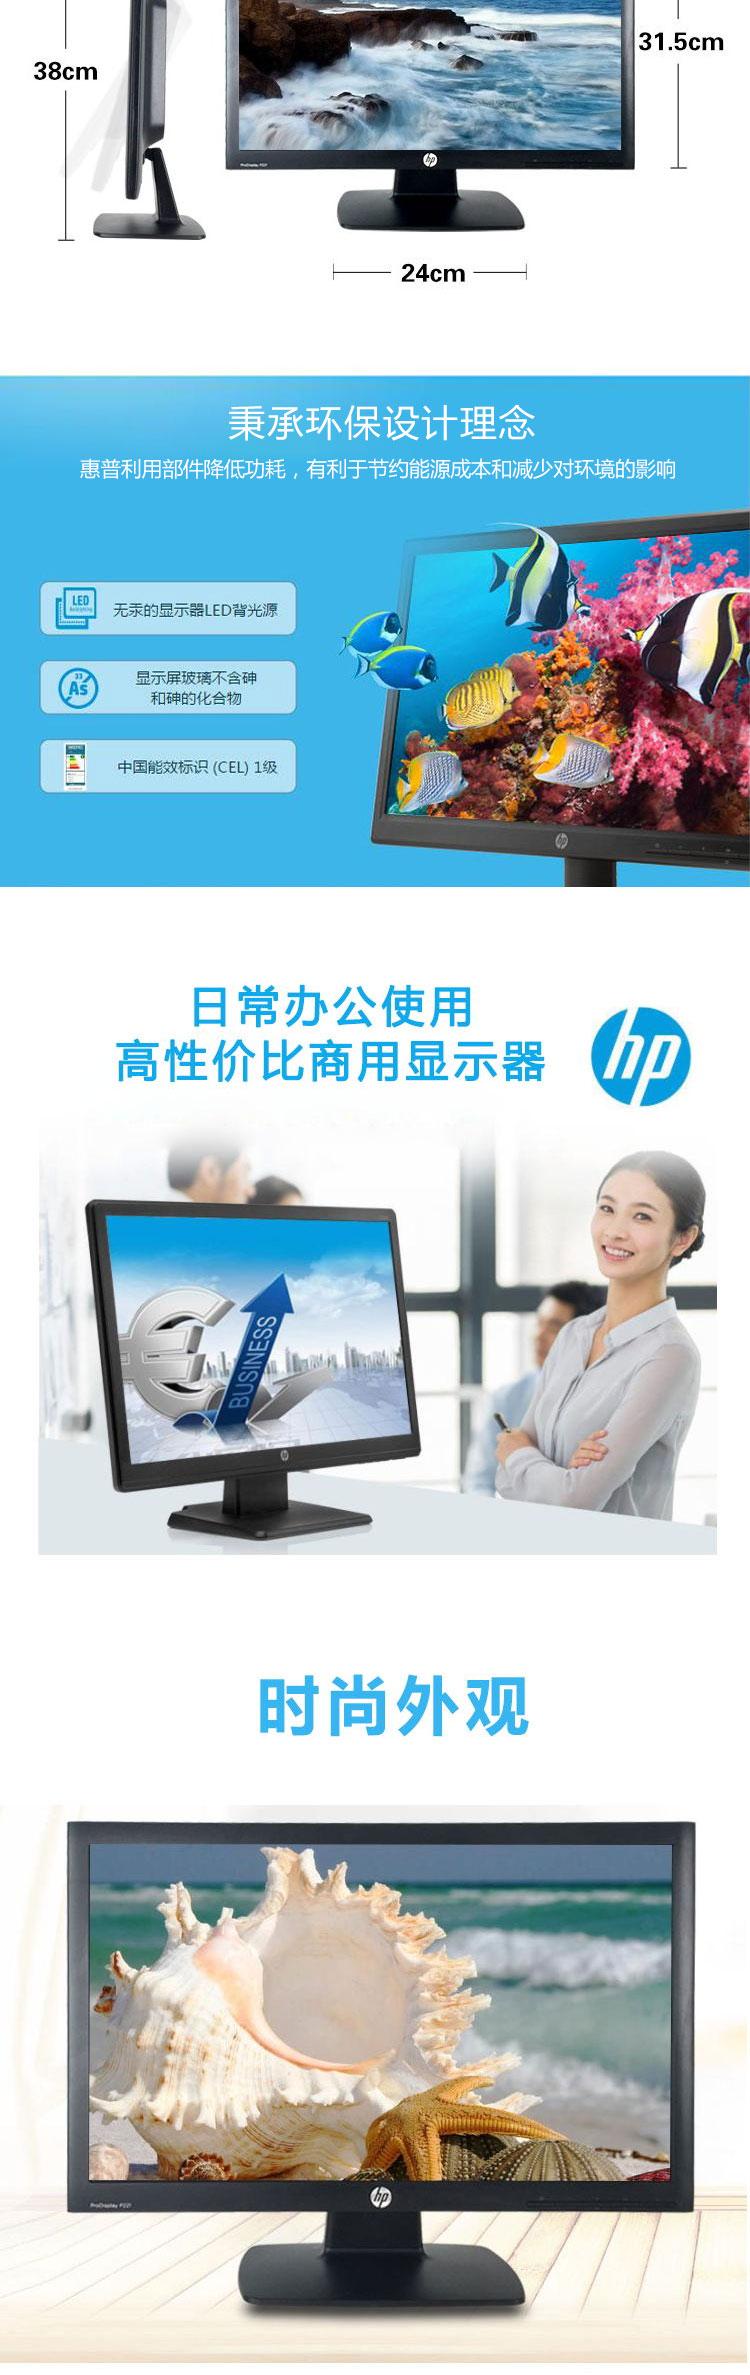 惠普HP P221 21.5寸 LED 液晶显示器